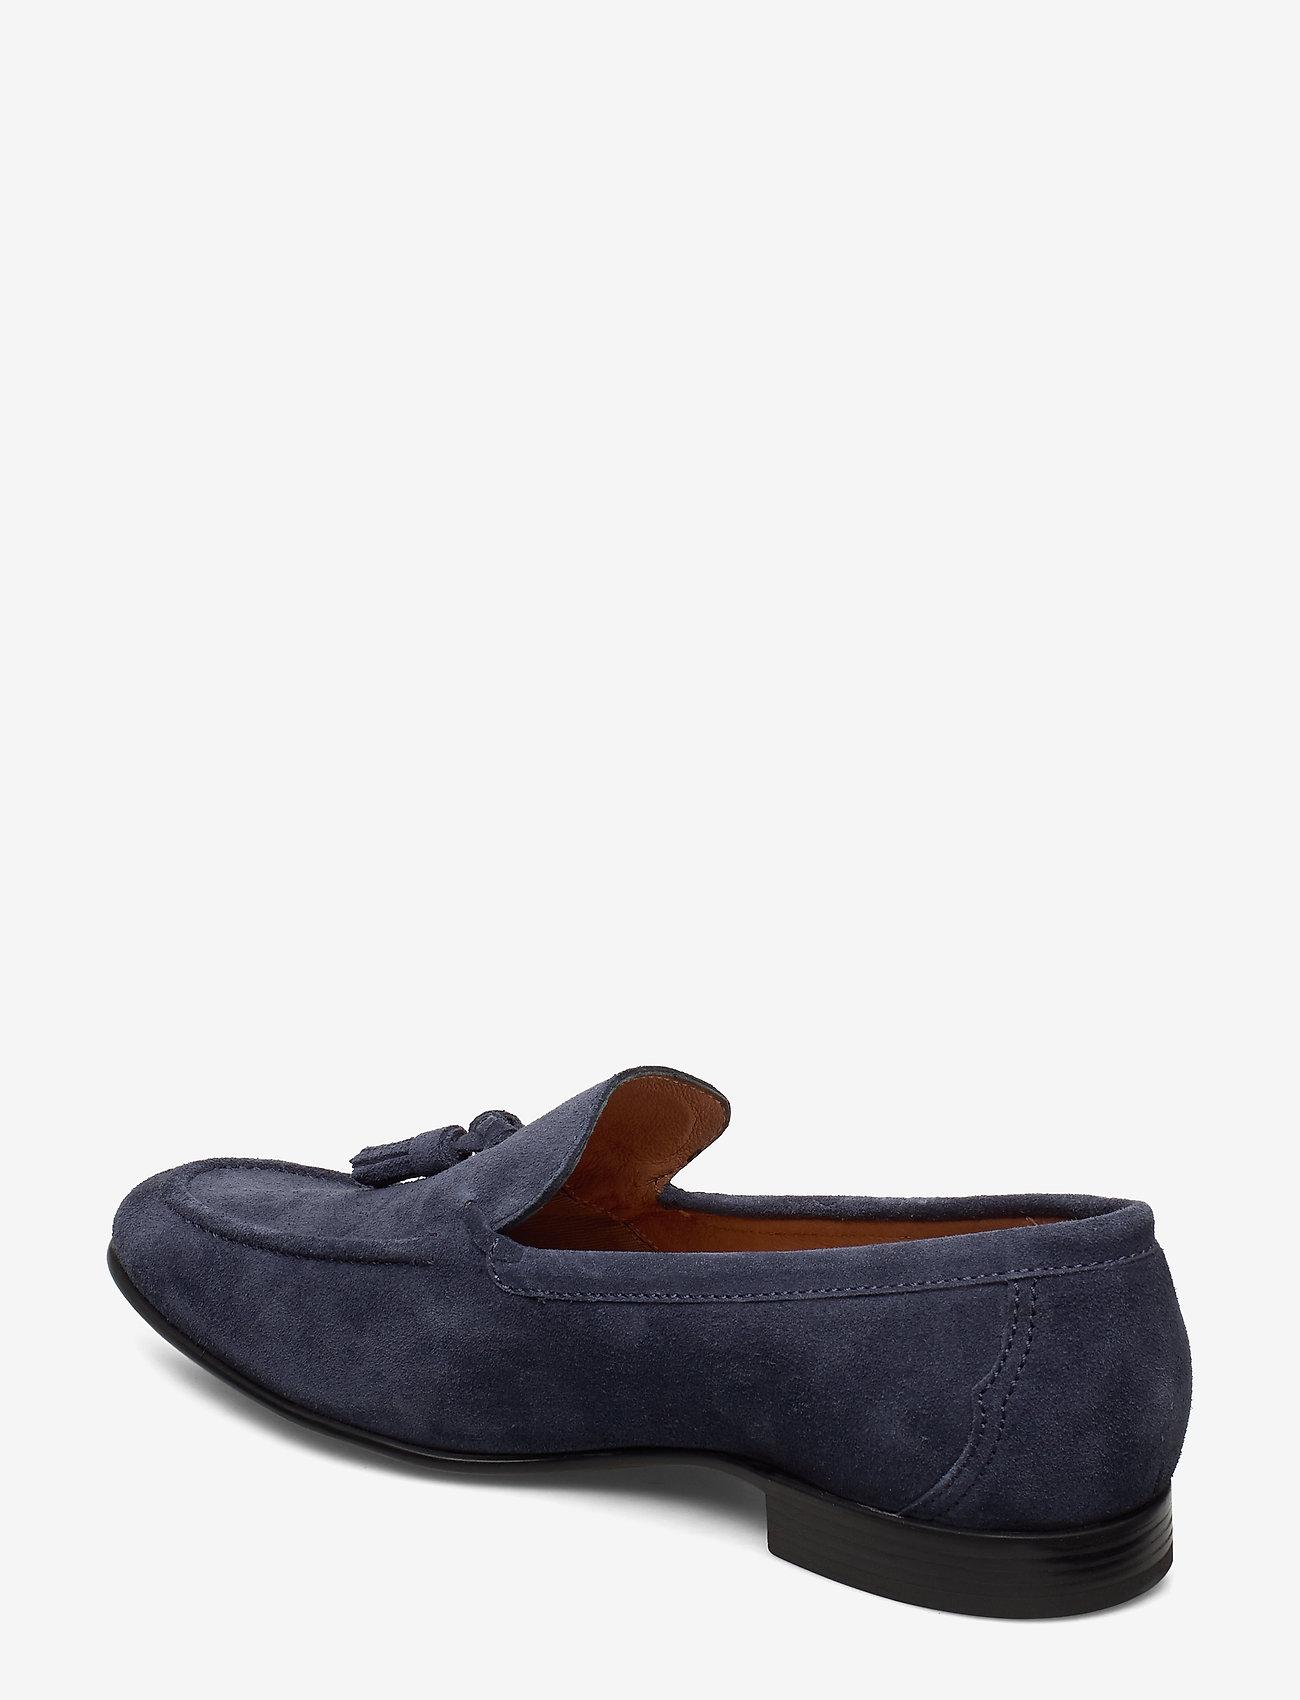 Rob (Navy) - Playboy Footwear